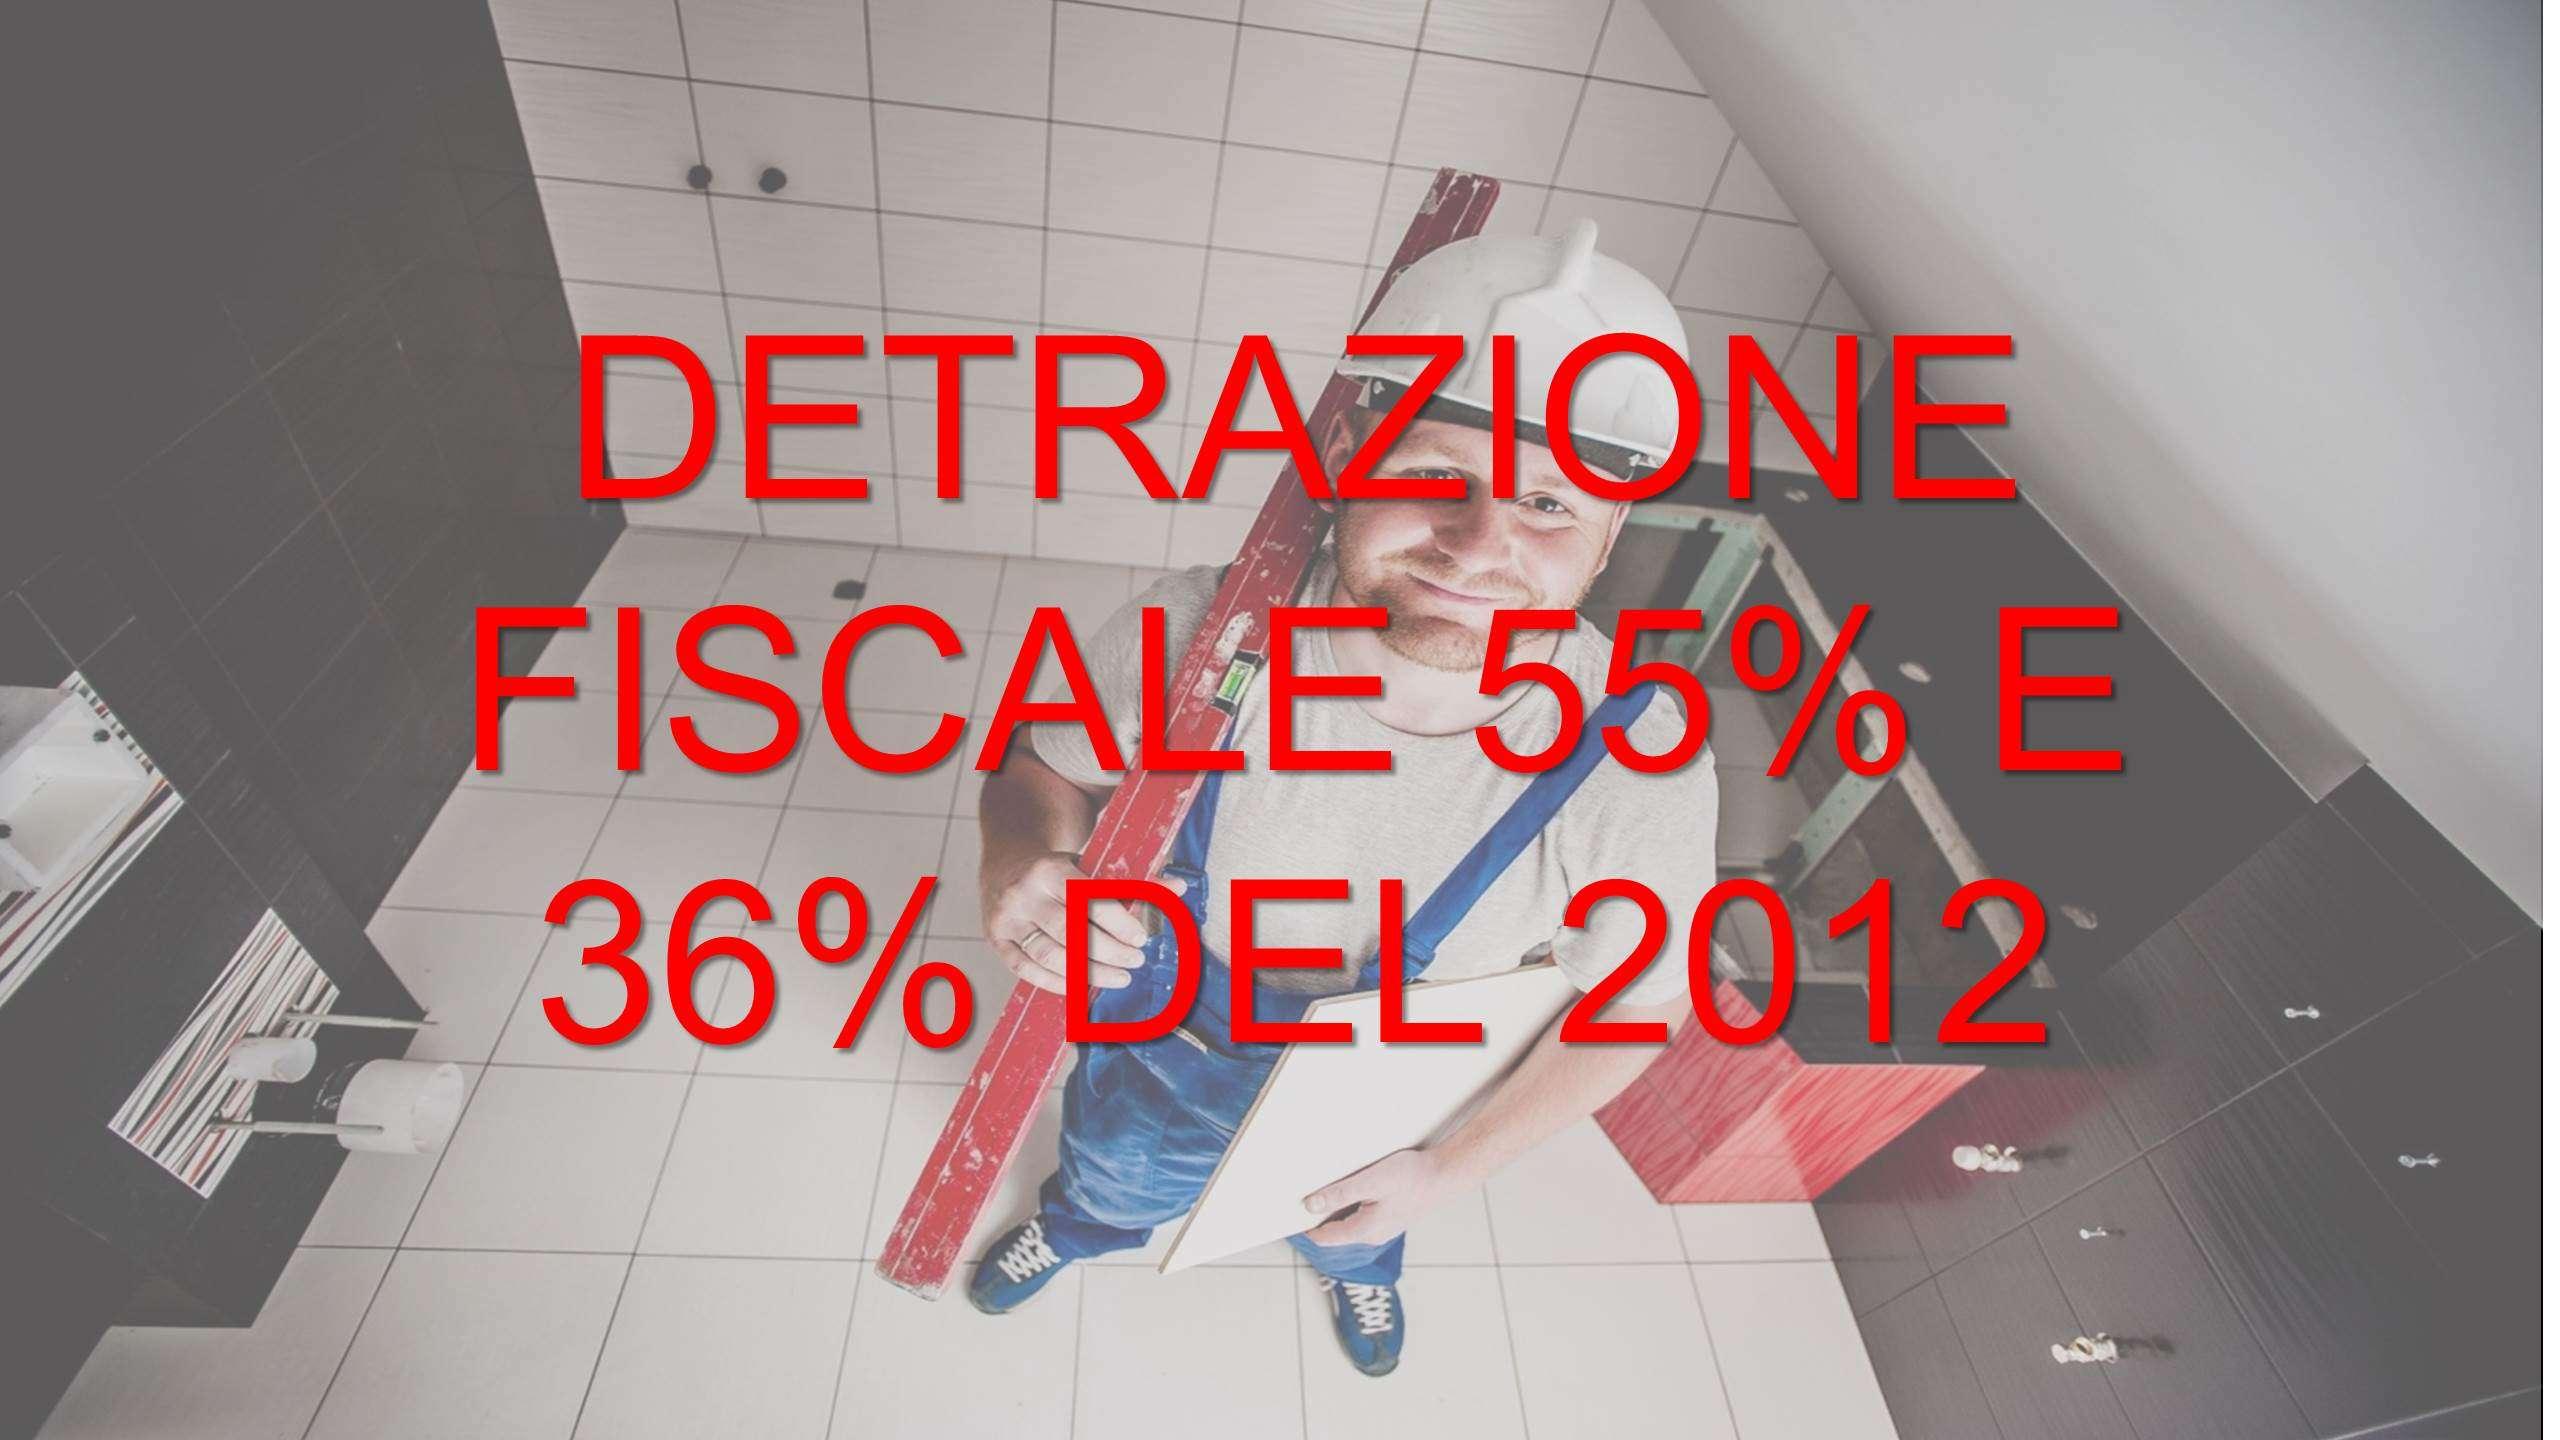 Sostituzione Porte Interne Detrazione detrazioni fiscali 55 2012: le percentuali detrabili